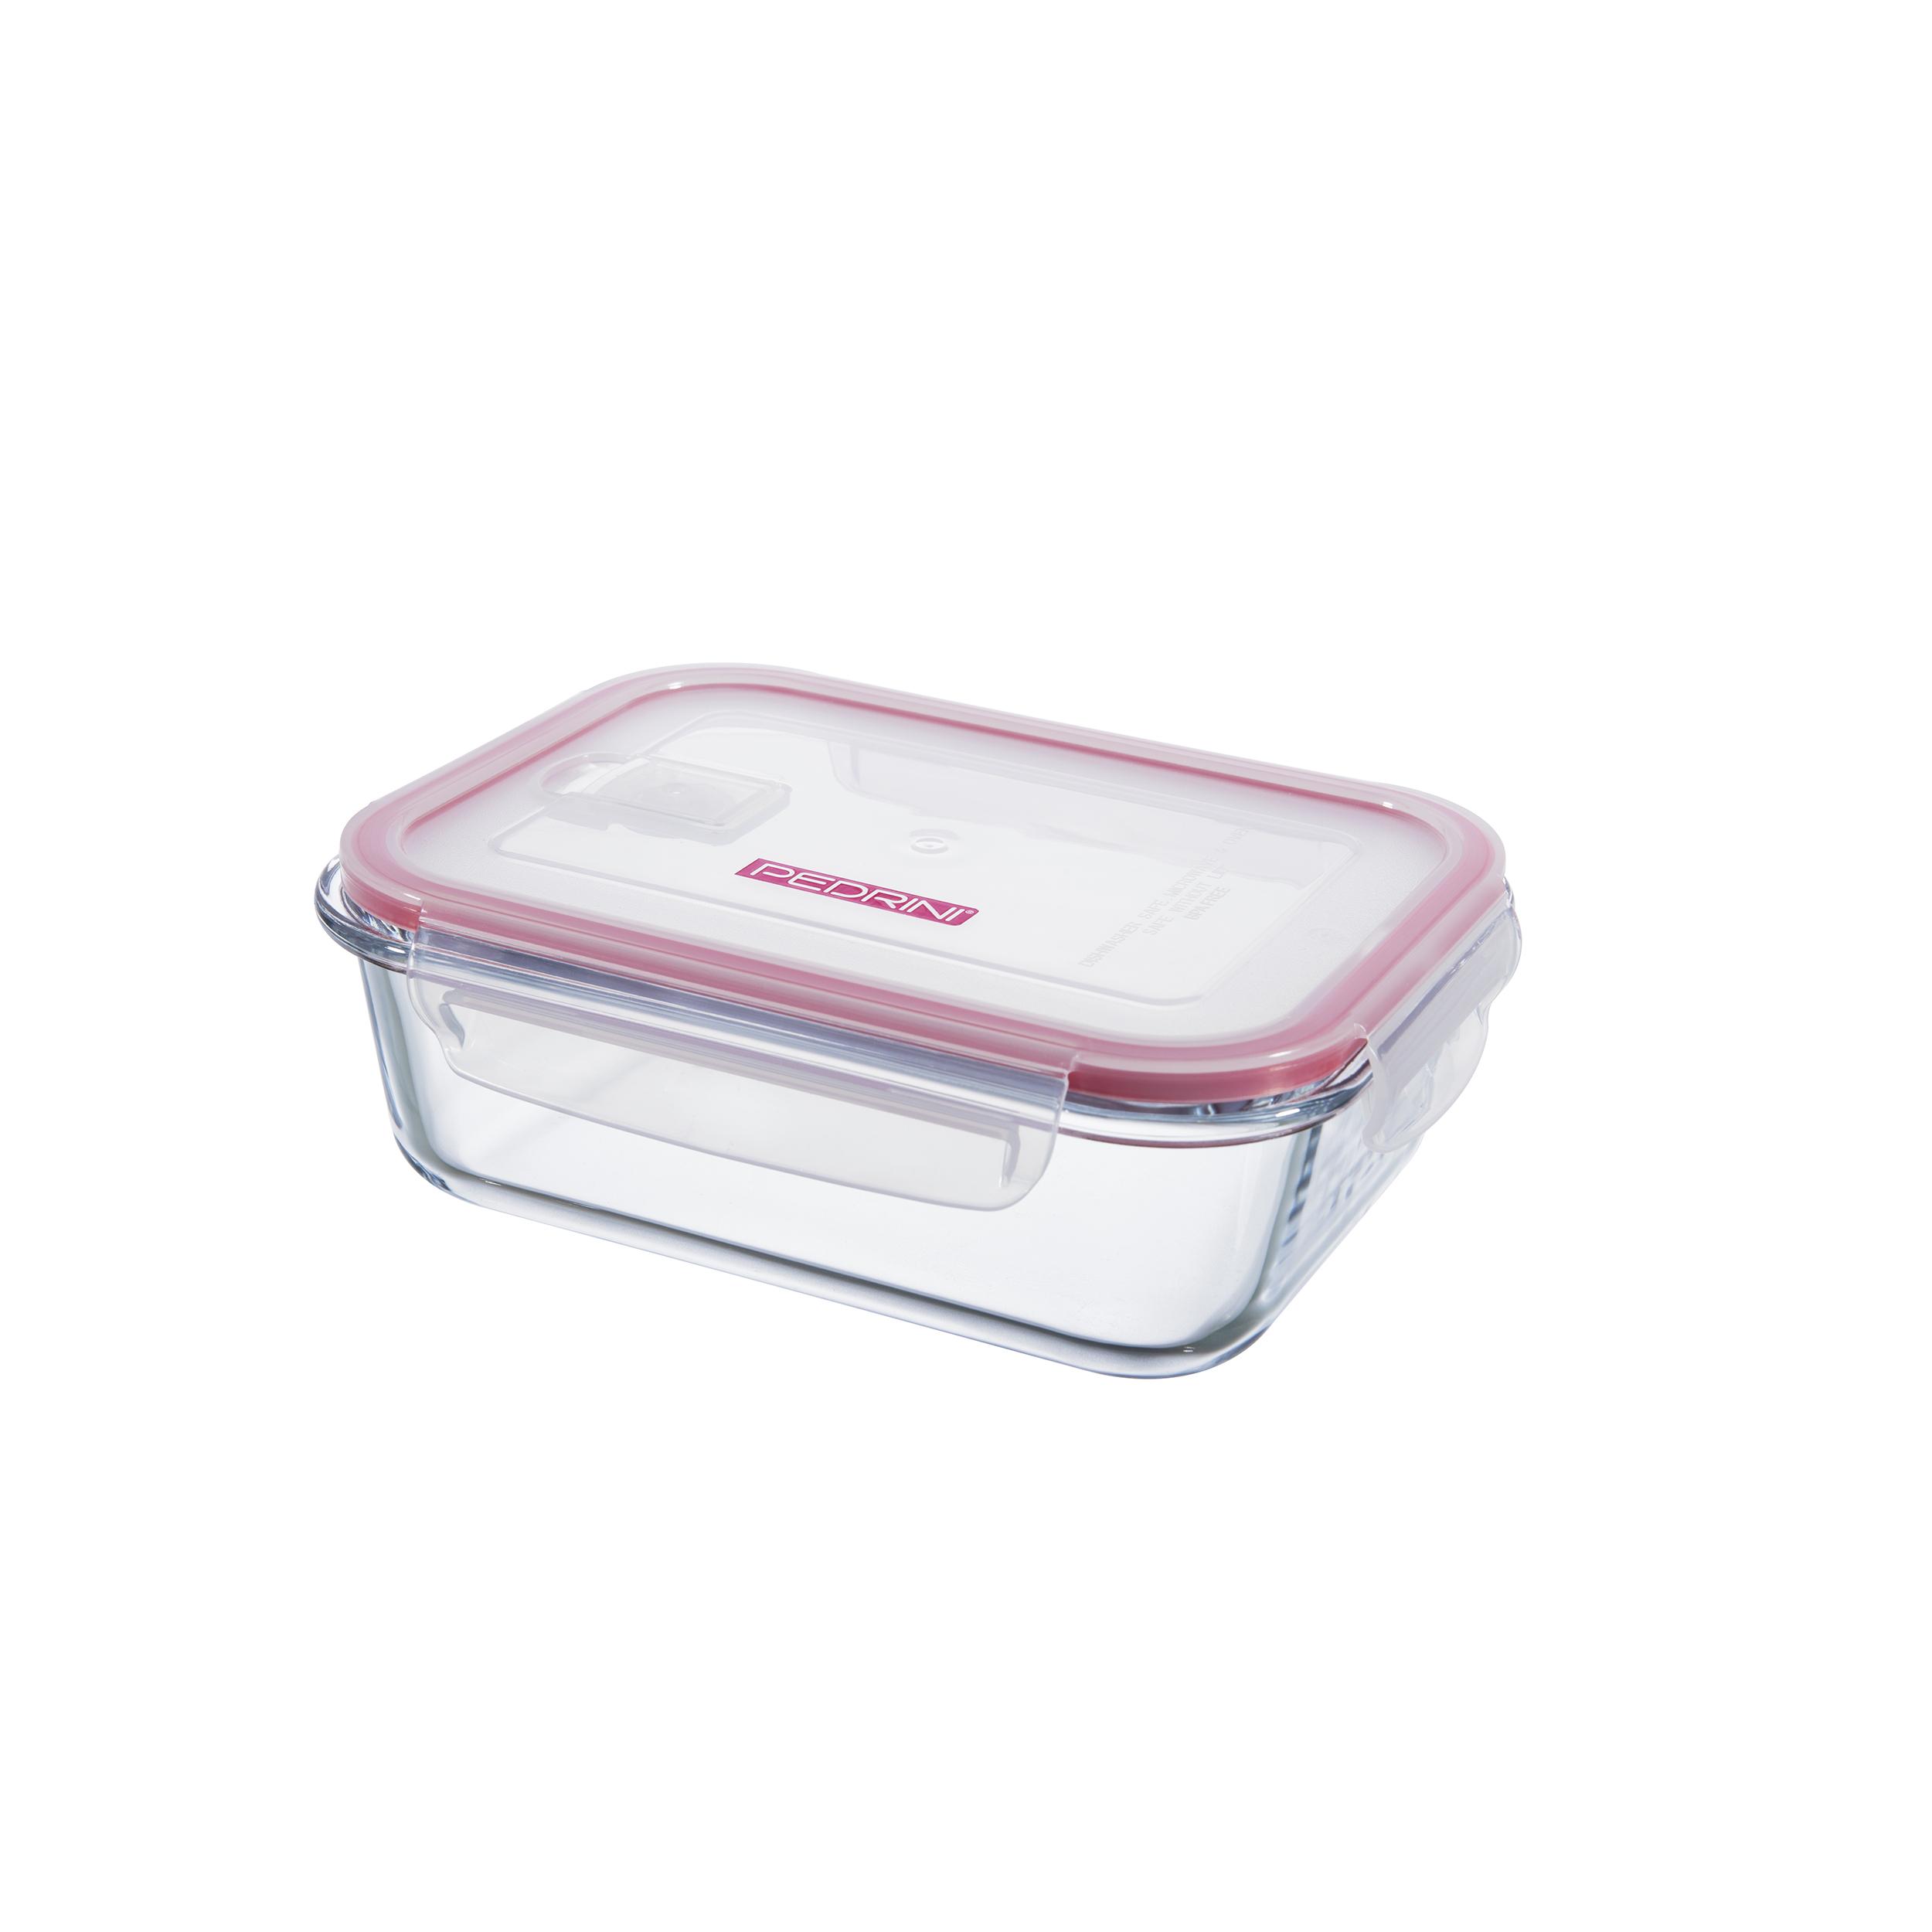 04GD225-contenitore-vetro-frigo-ermetico-pedrini